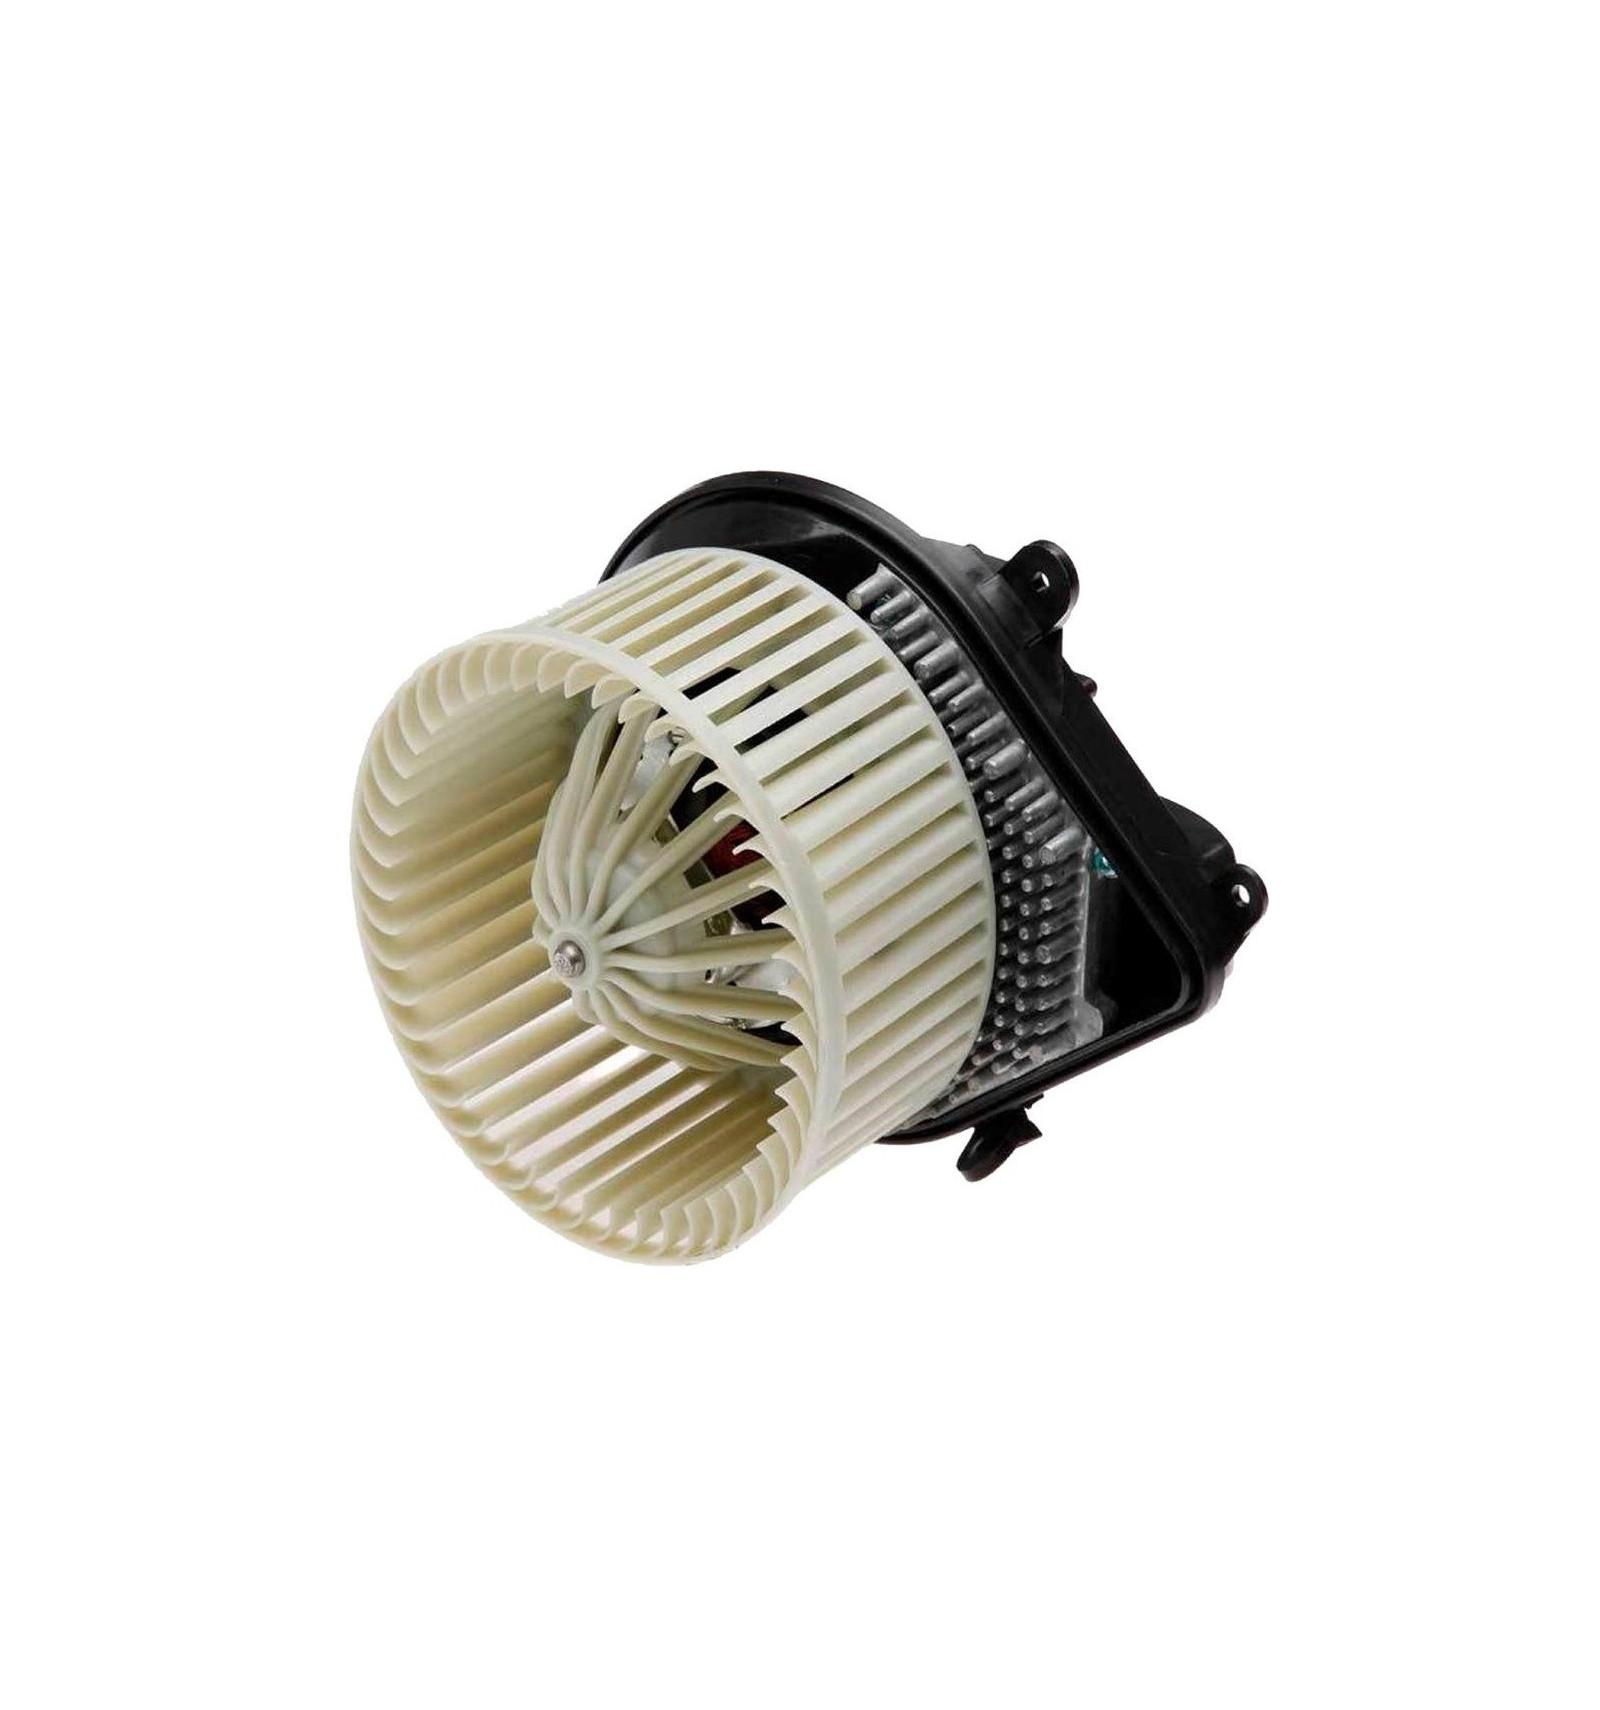 pulseur d air ventilateur habitacle interieur peugeot 306. Black Bedroom Furniture Sets. Home Design Ideas